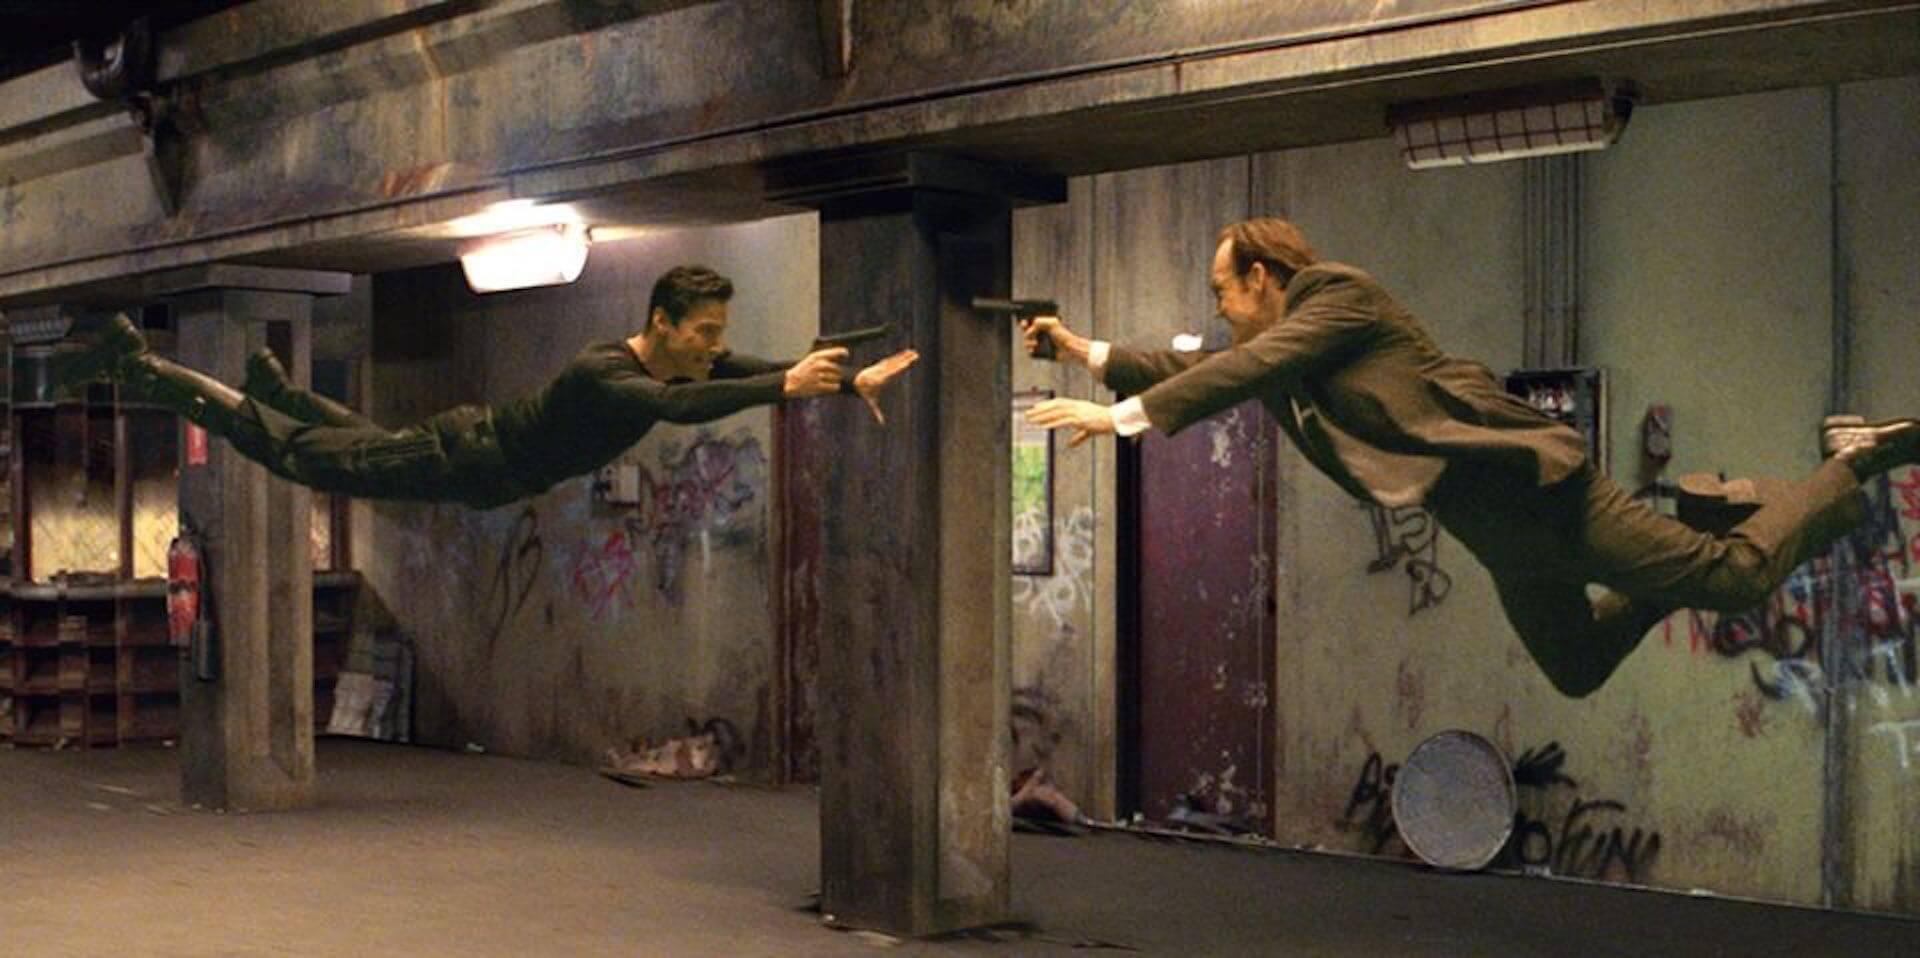 キアヌ・リーブス主演『マトリックス4』にはあの宿敵が登場しない!? film200121_matrix_1